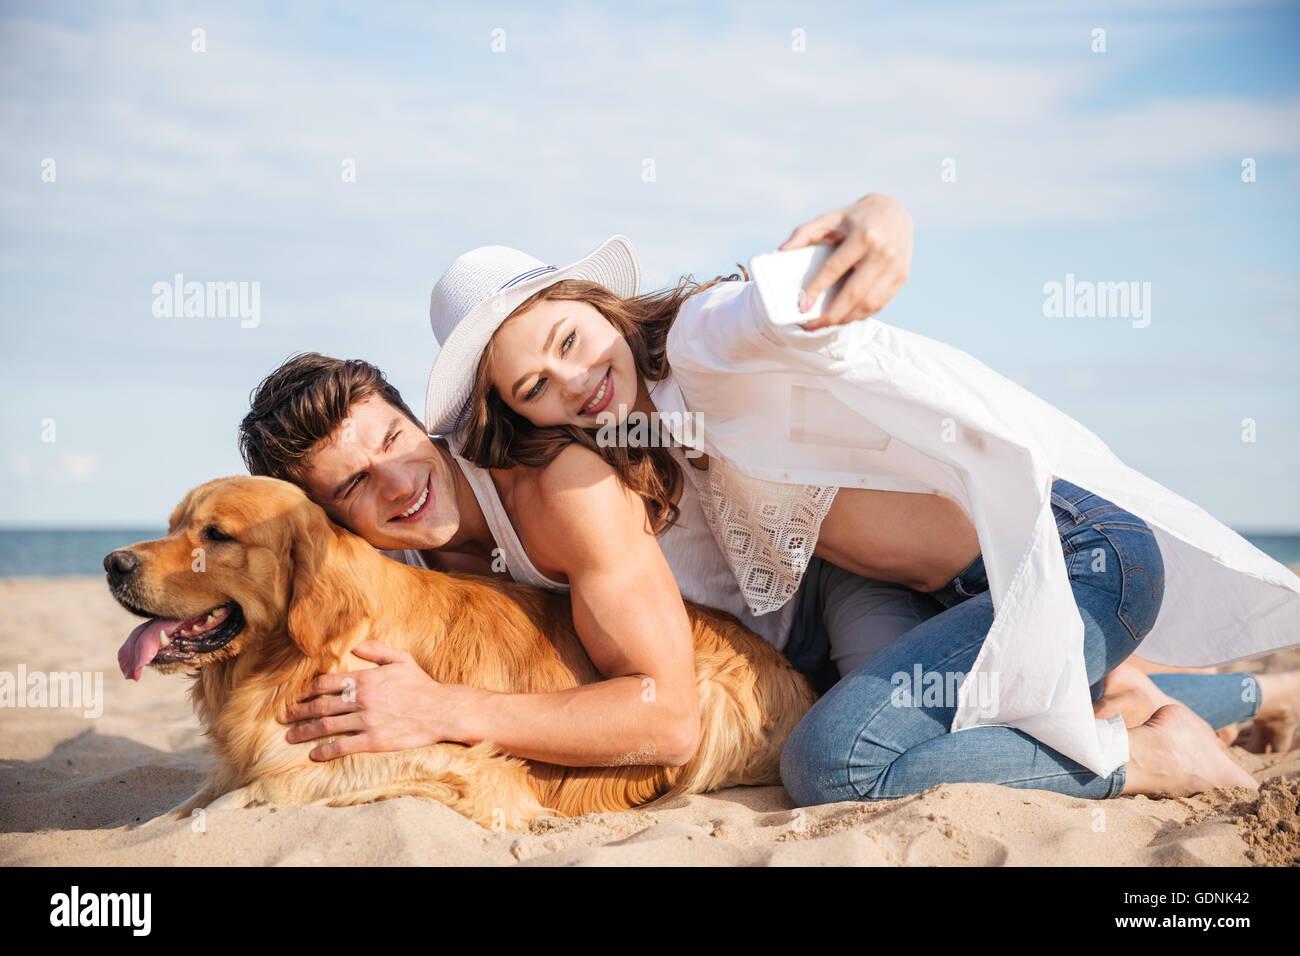 Lächelnd junges Paar mit Hund sprechen Selfie mit Smartphone am Strand Stockbild